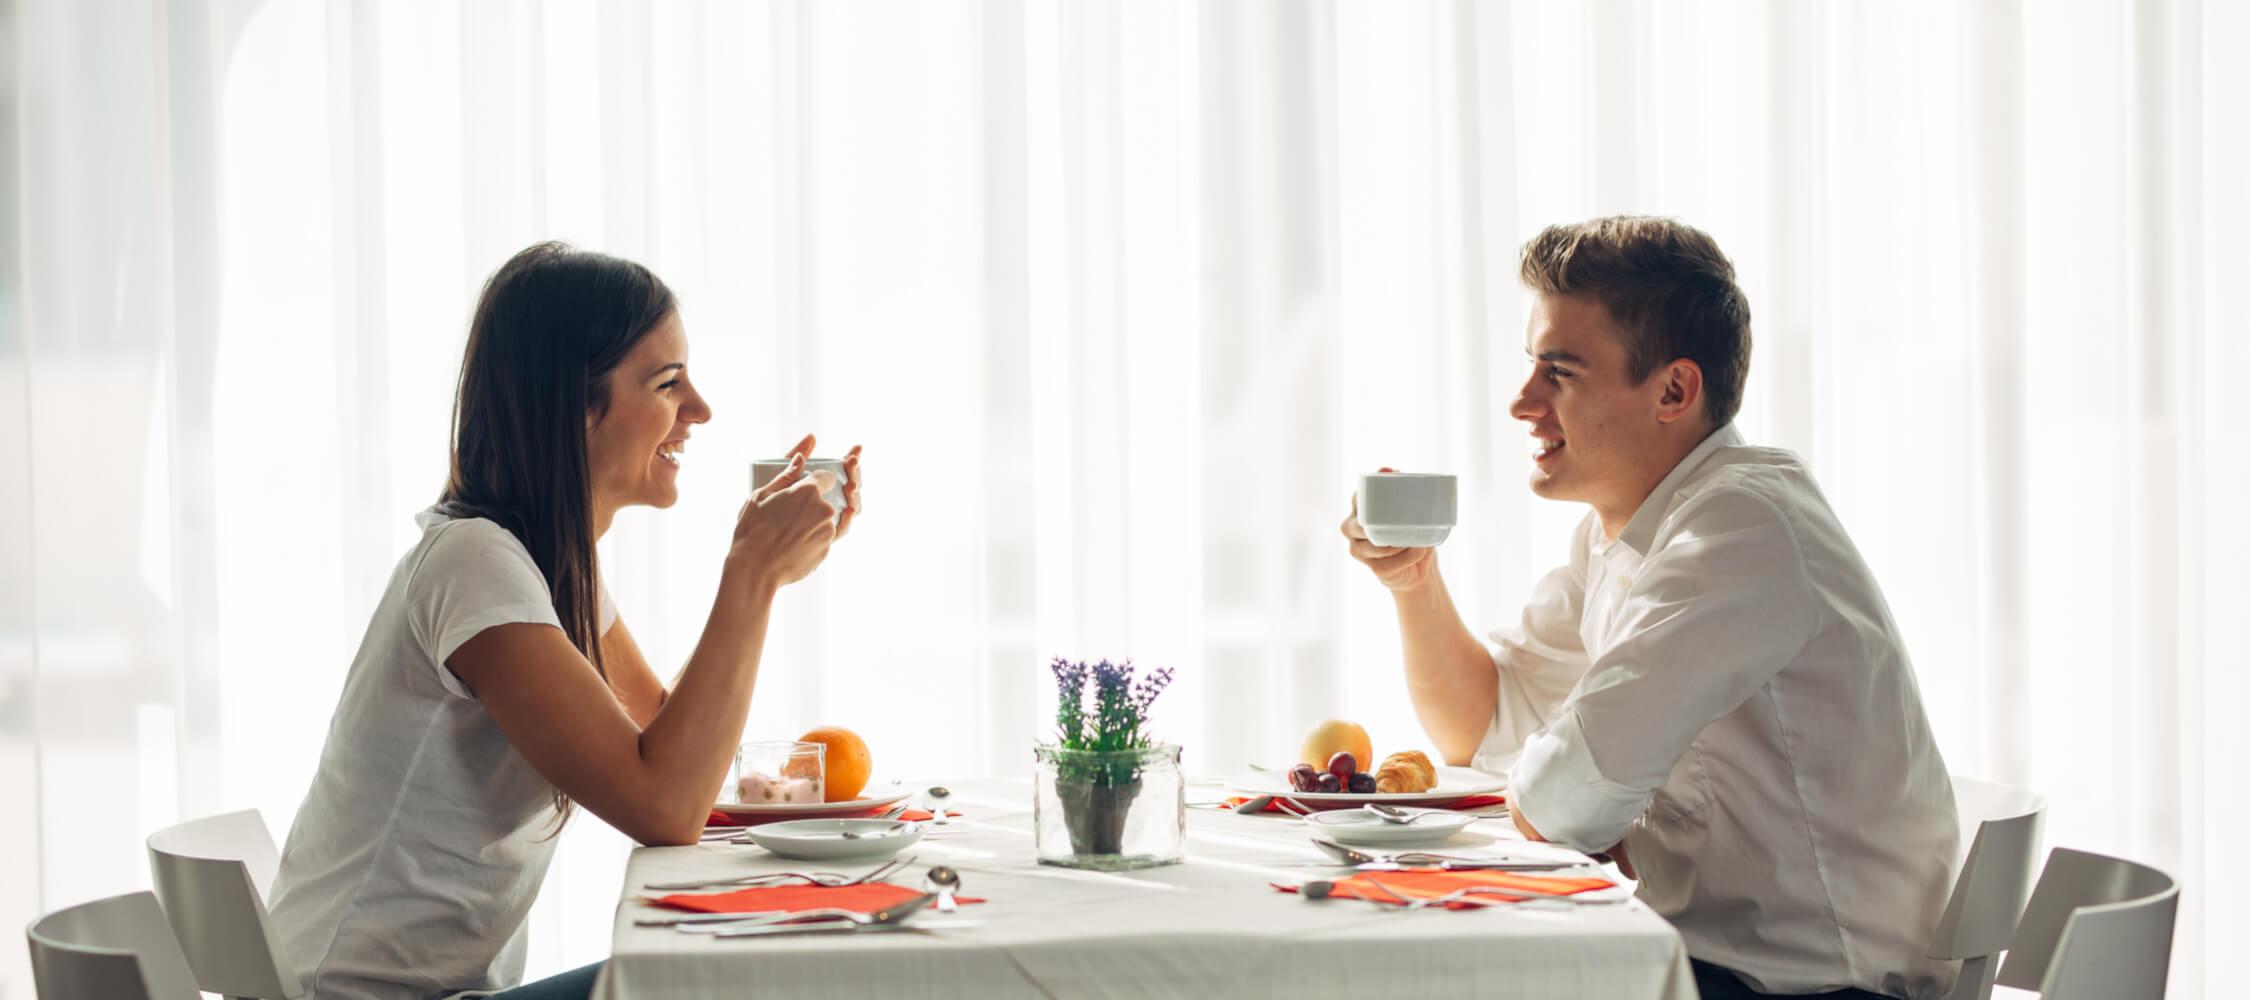 Hotel Villa Laurus Meran - Genießen Sie ein herzhaftes Hotel Frühstück in Meran